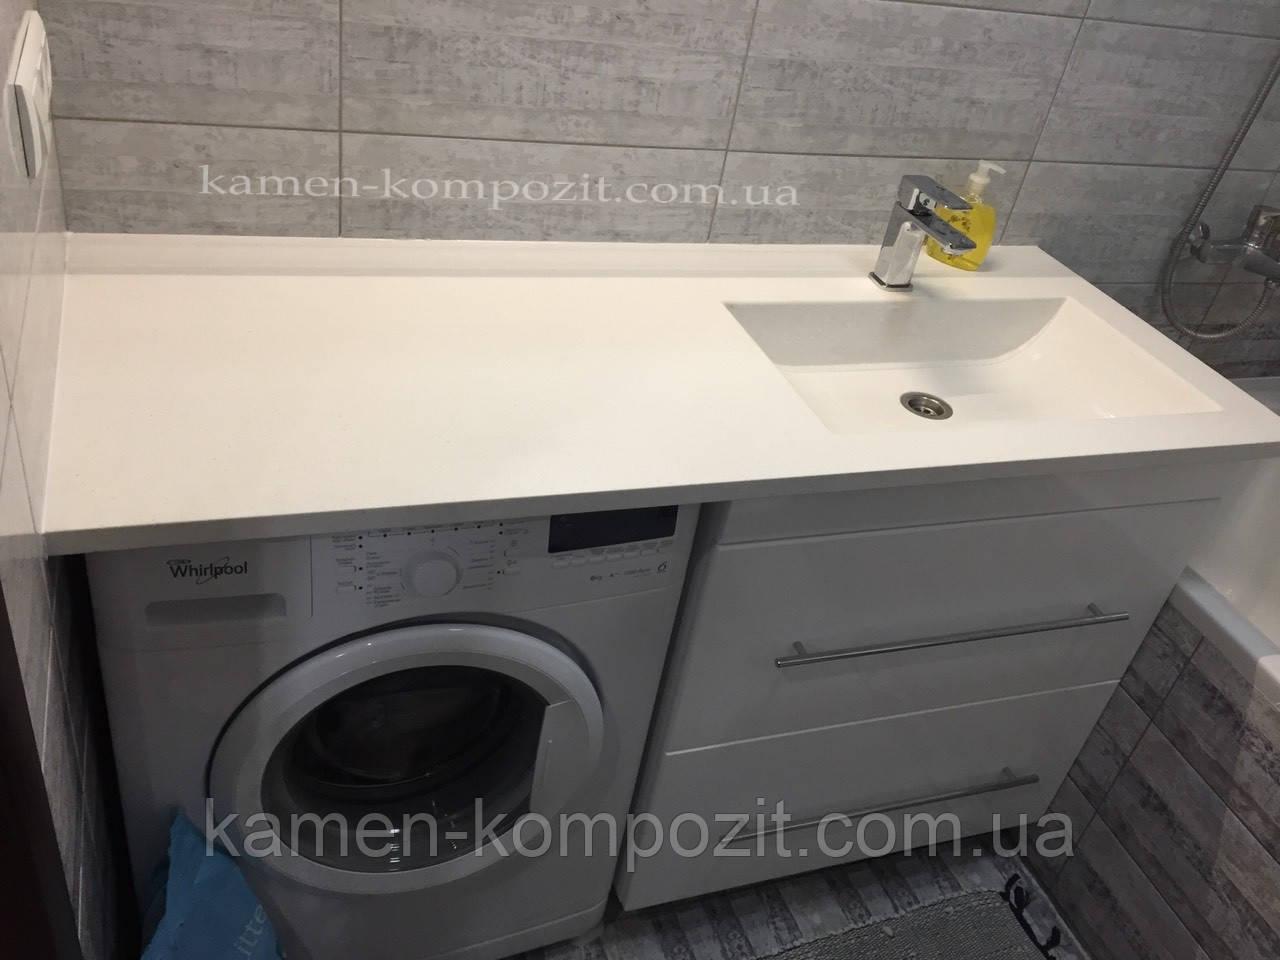 Столешница для ванной комнаты с чашей, фото 1